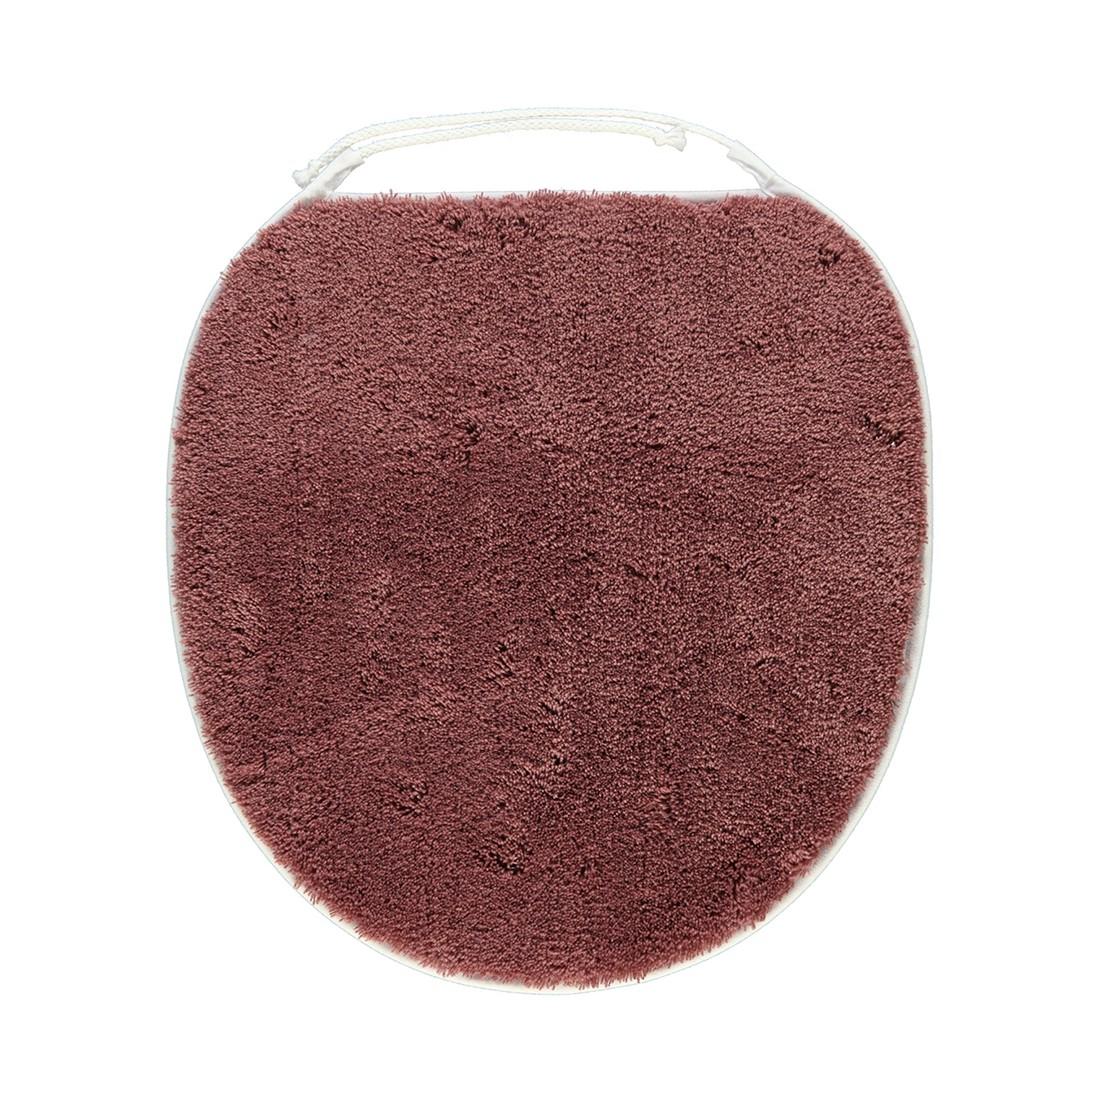 Deckelbezug Soft – 100% Polyacryl Hellrosa – 457, Kleine Wolke bestellen